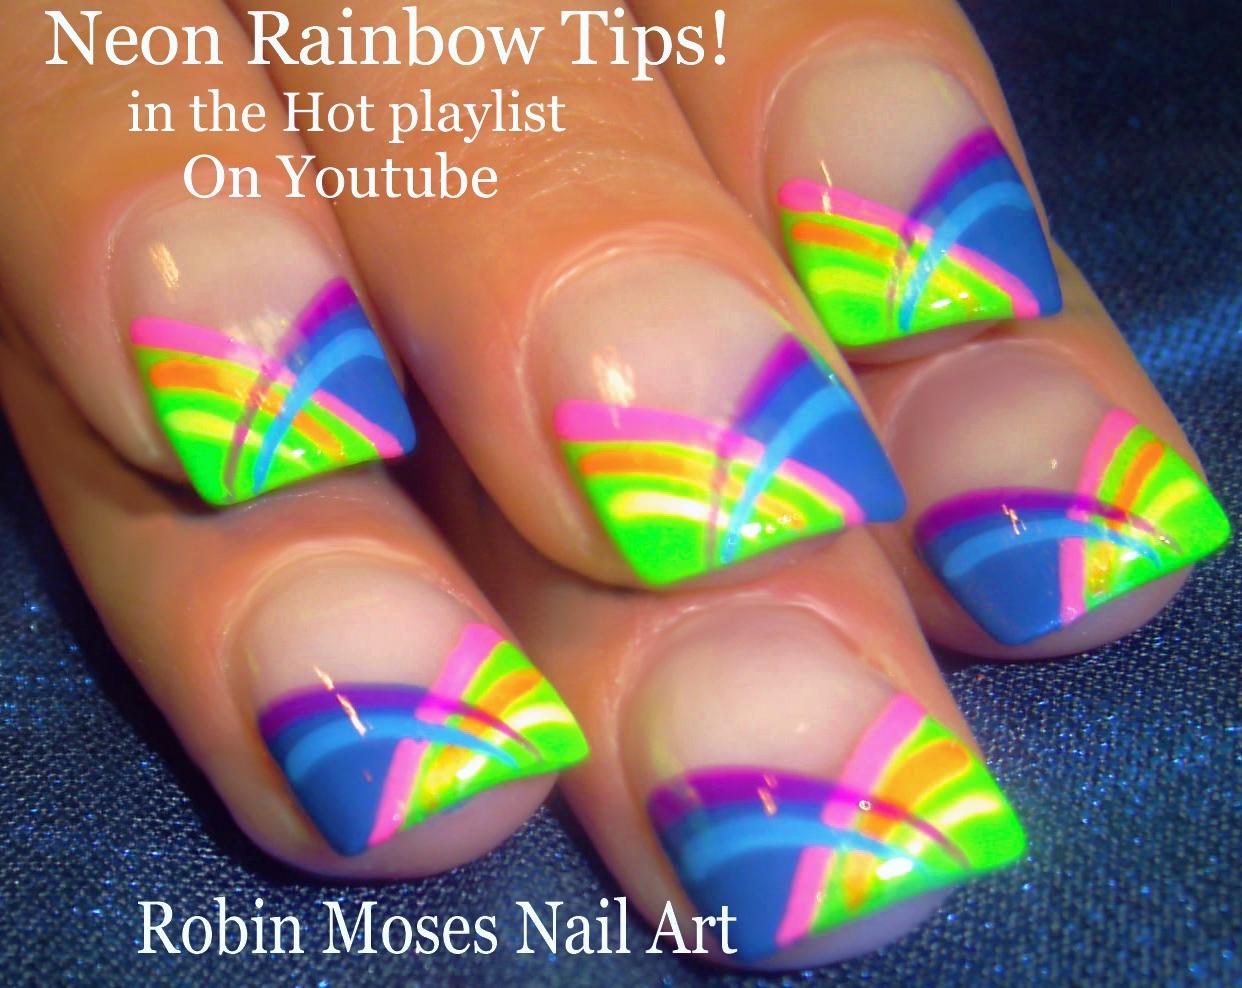 Nail Art by Robin Moses: Hot Summer Nail Art Ideas full of Neon ...